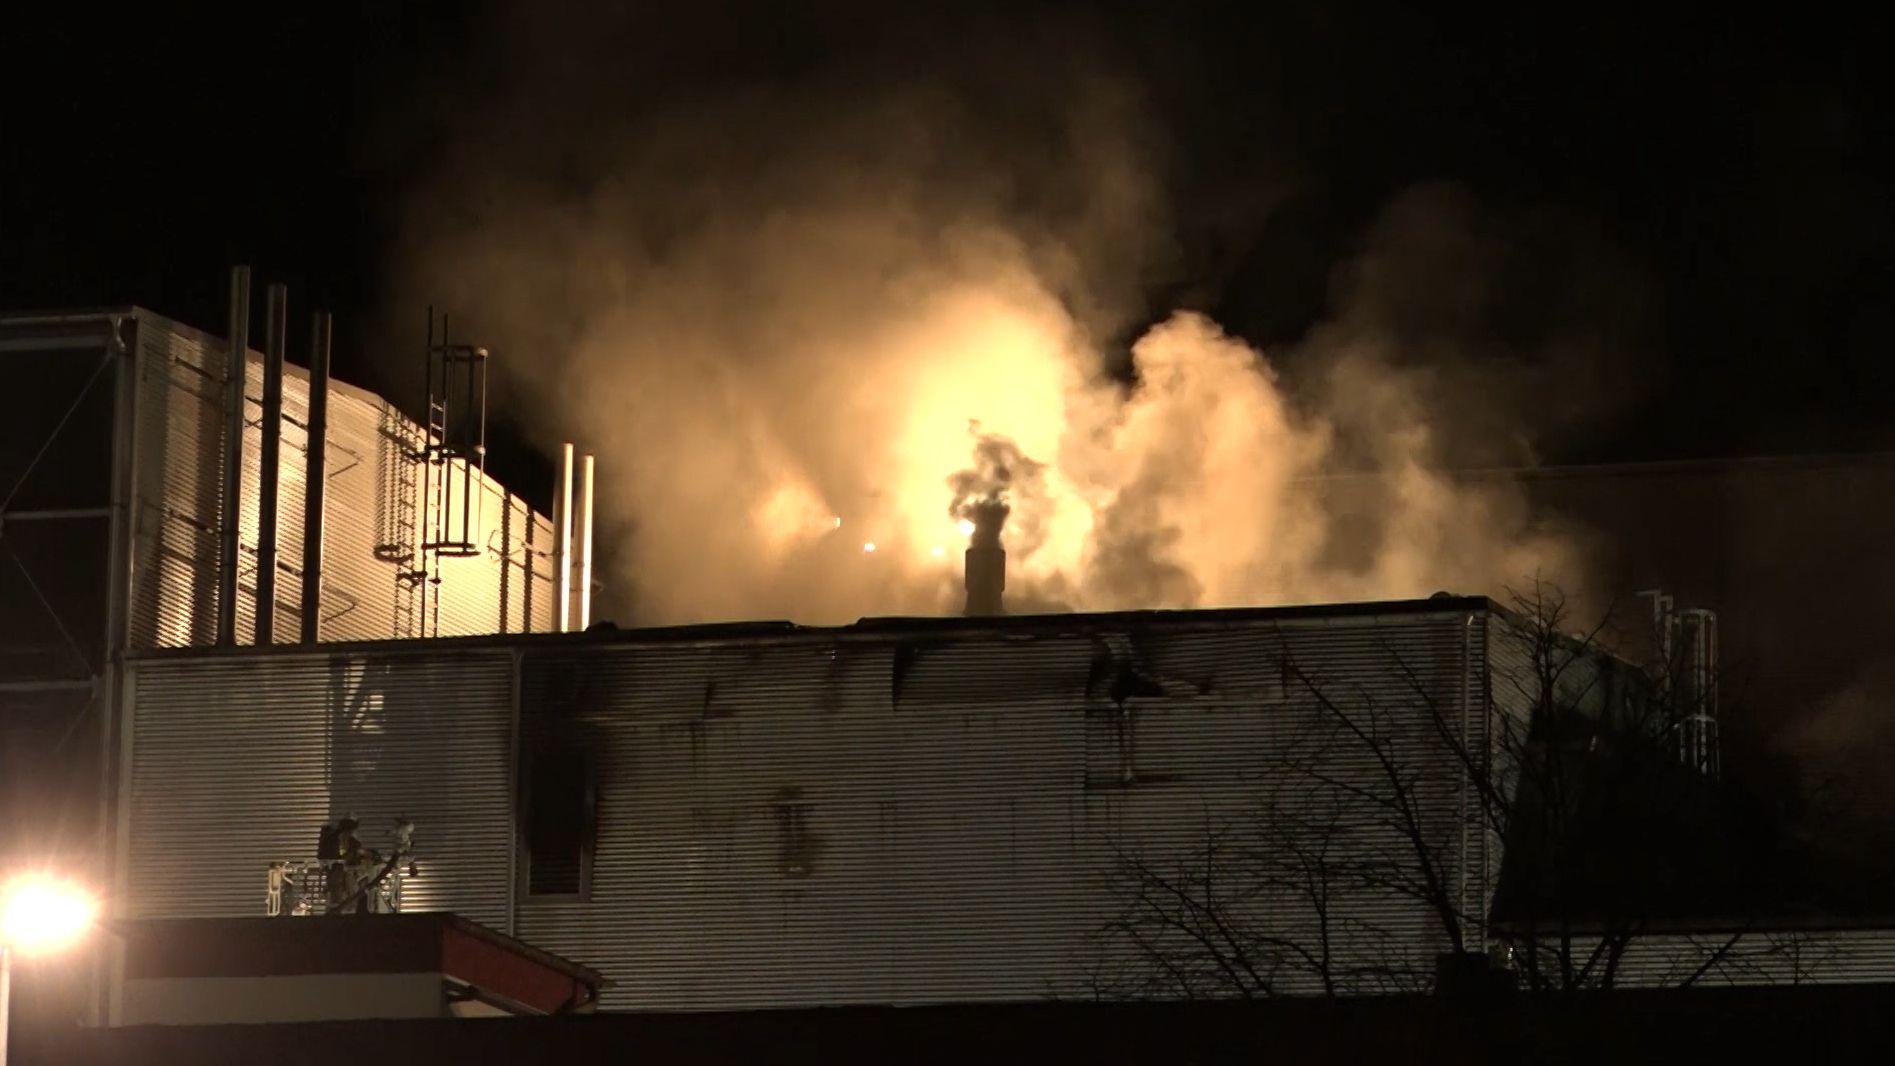 Mehr als 100 Feuerwehrleute kämpften am Dienstagabend stundenlang gegen einen Brand bei einem Hersteller für Backmittel in Kulmbach.